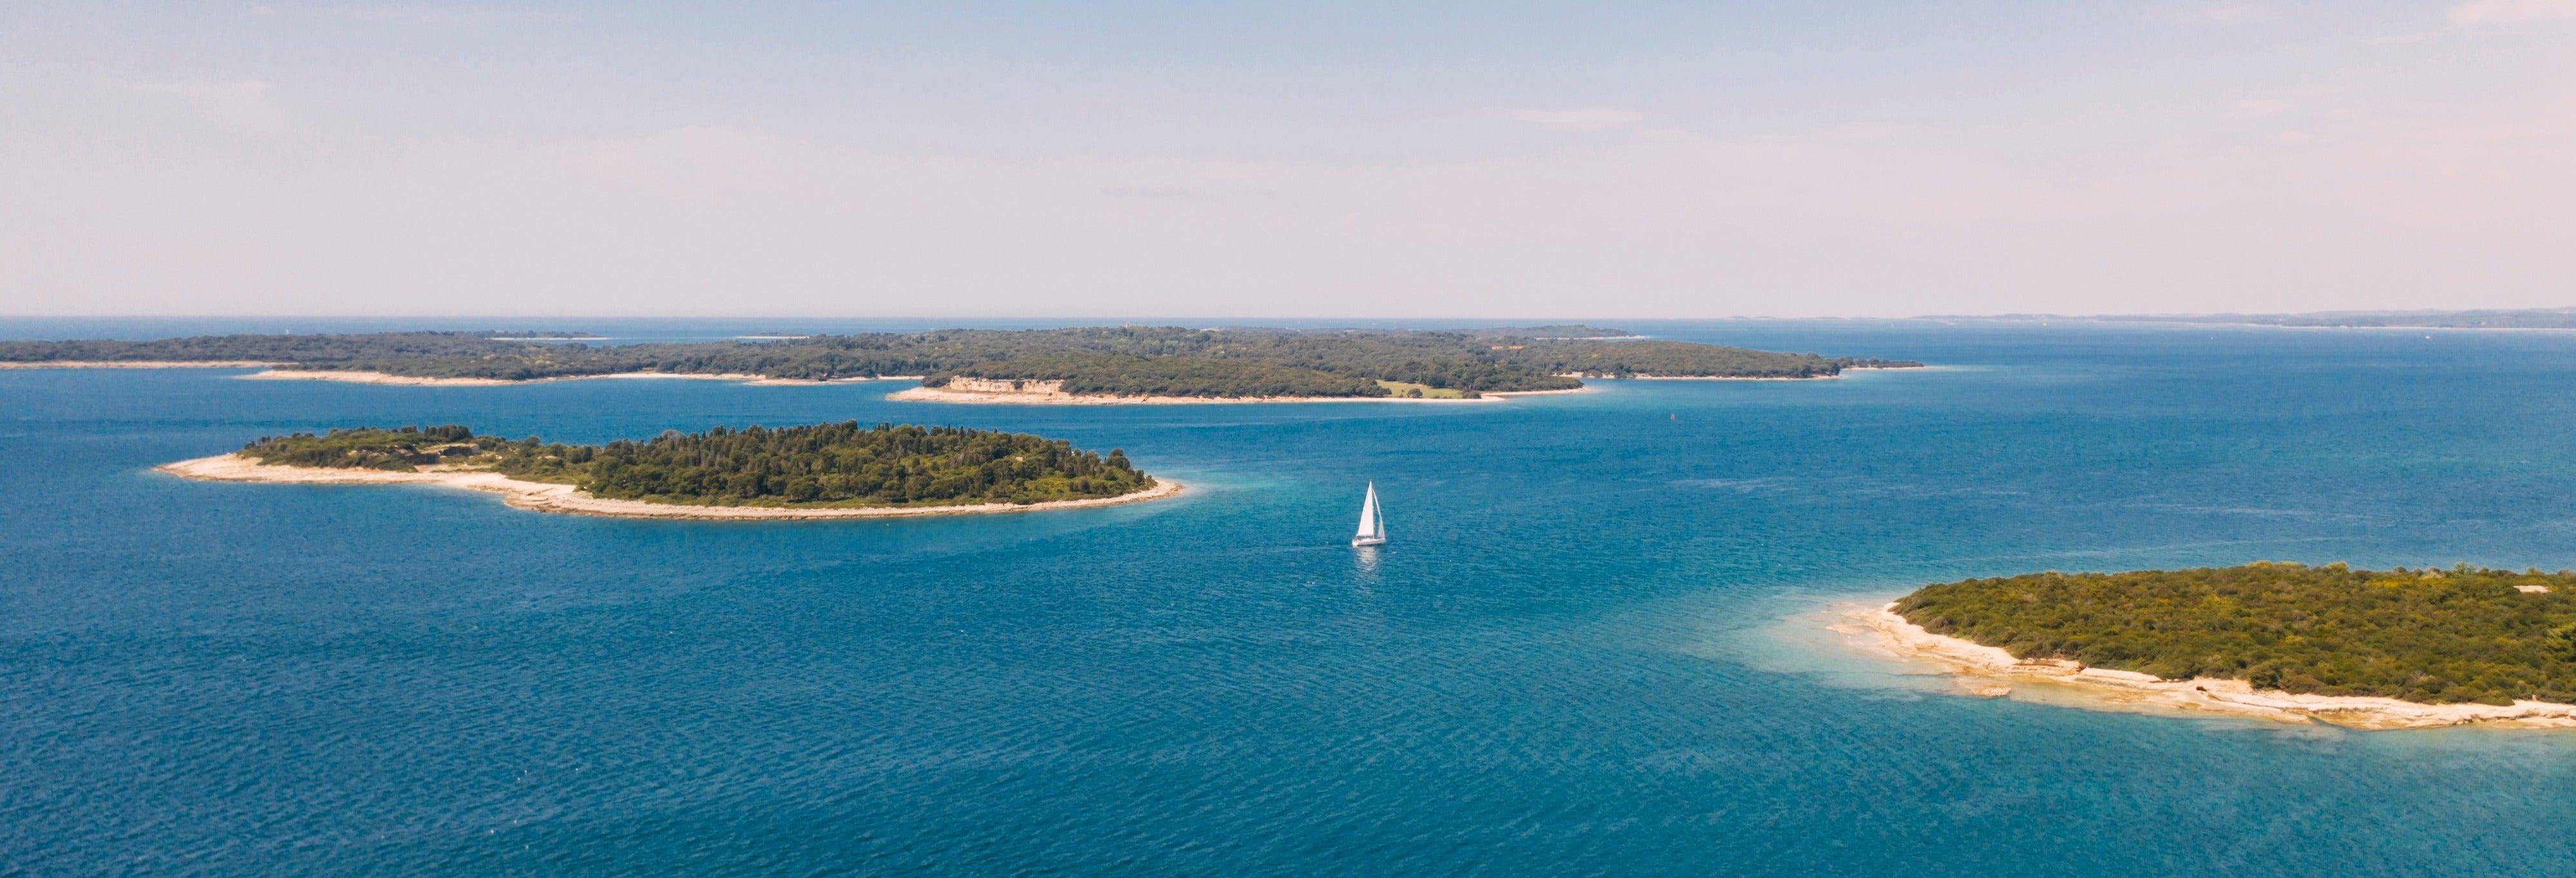 Excursión a las islas Brijuni